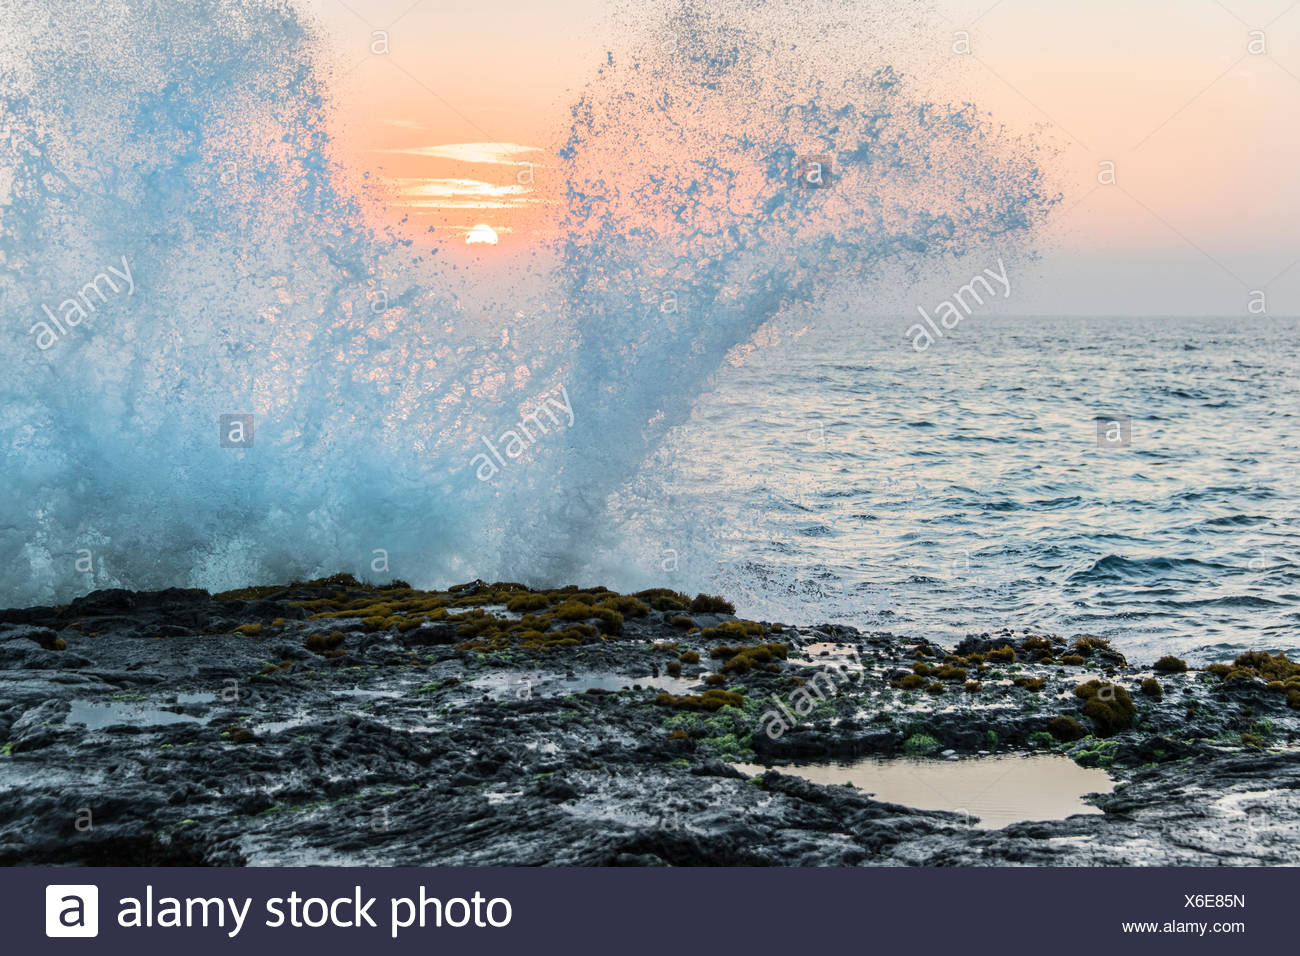 Les vagues se brisant, Wawaloli Beach Park, New Jersey Island (Big Island). Les îles Hawaïennes, le centre de l'océan Pacifique, USA Photo Stock